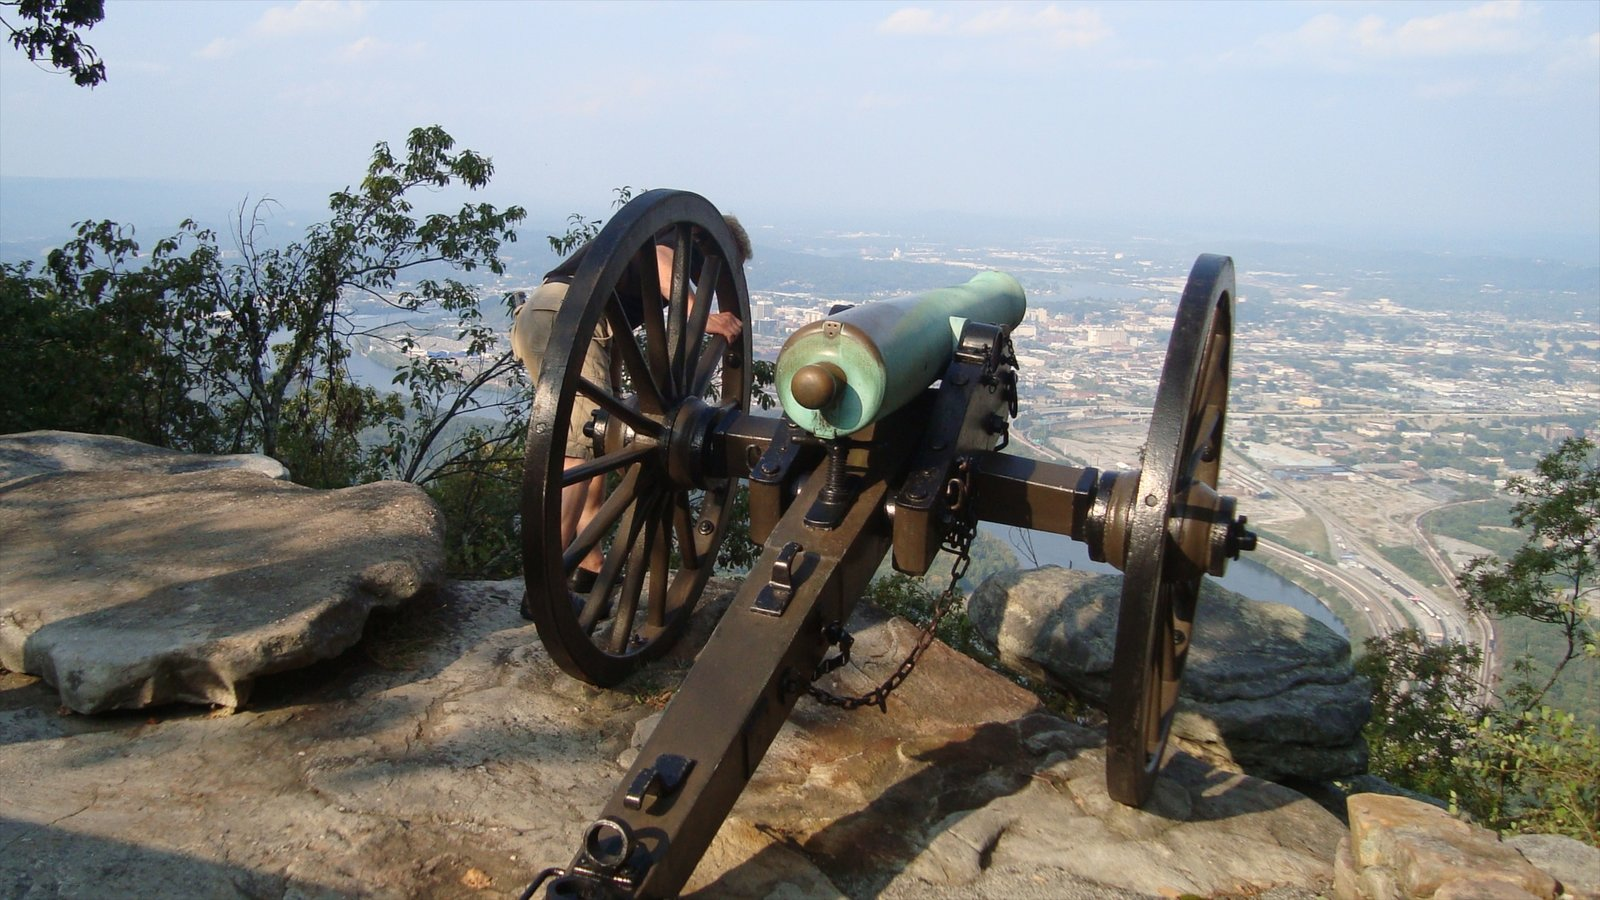 Chattanooga mostrando artículos militares